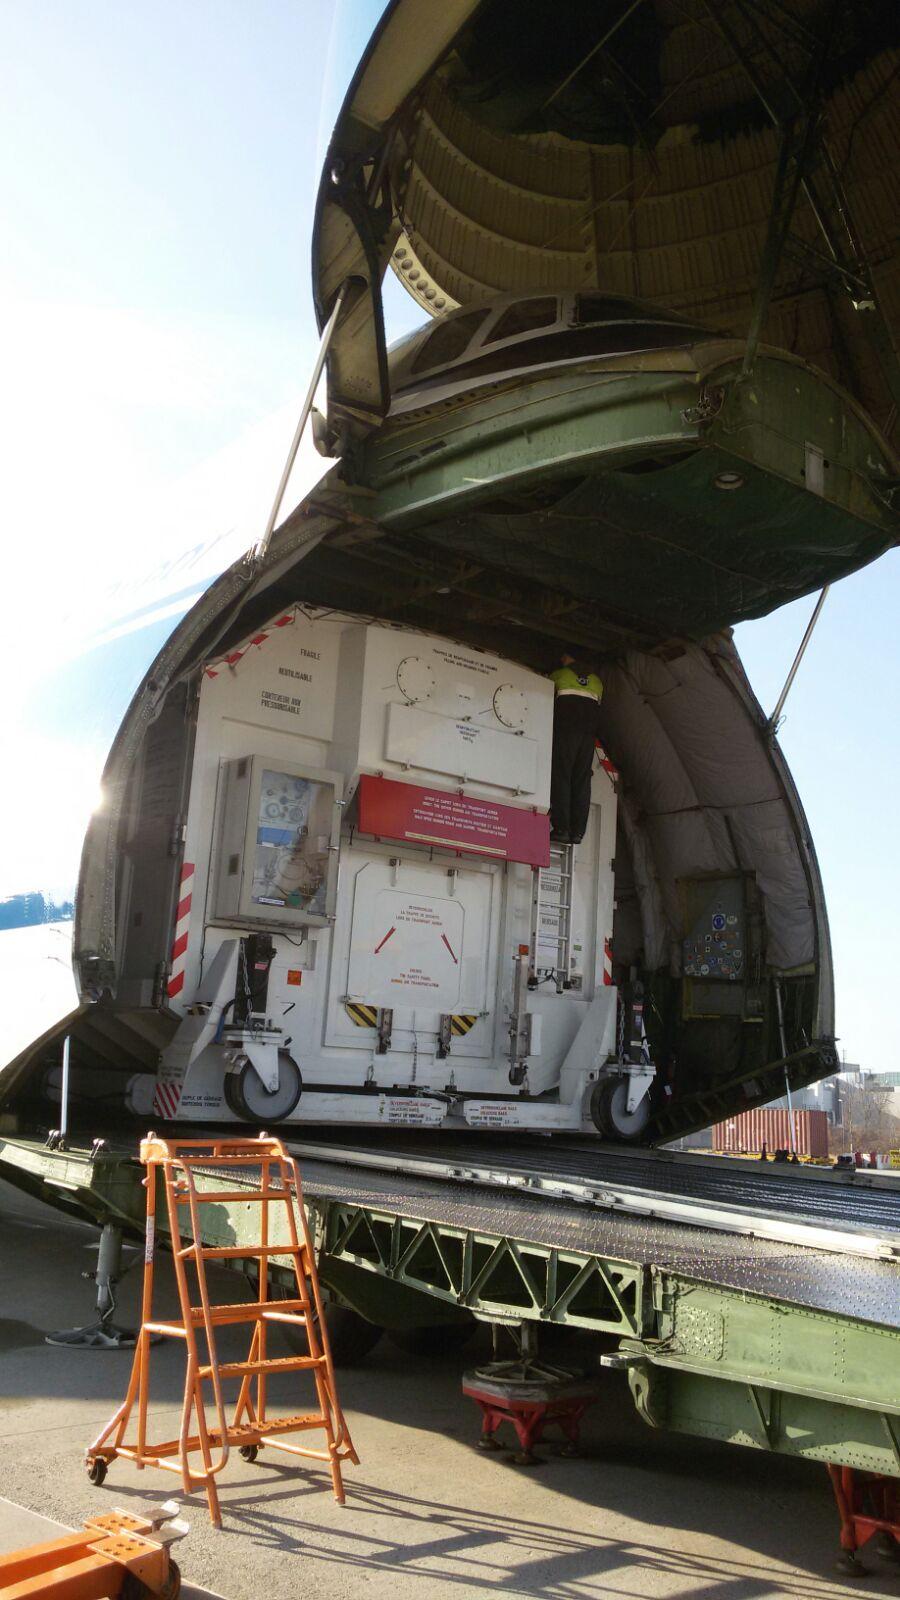 Missione ExoMars 2016: il veicolo è giunto in Kazakhistan, il lancio